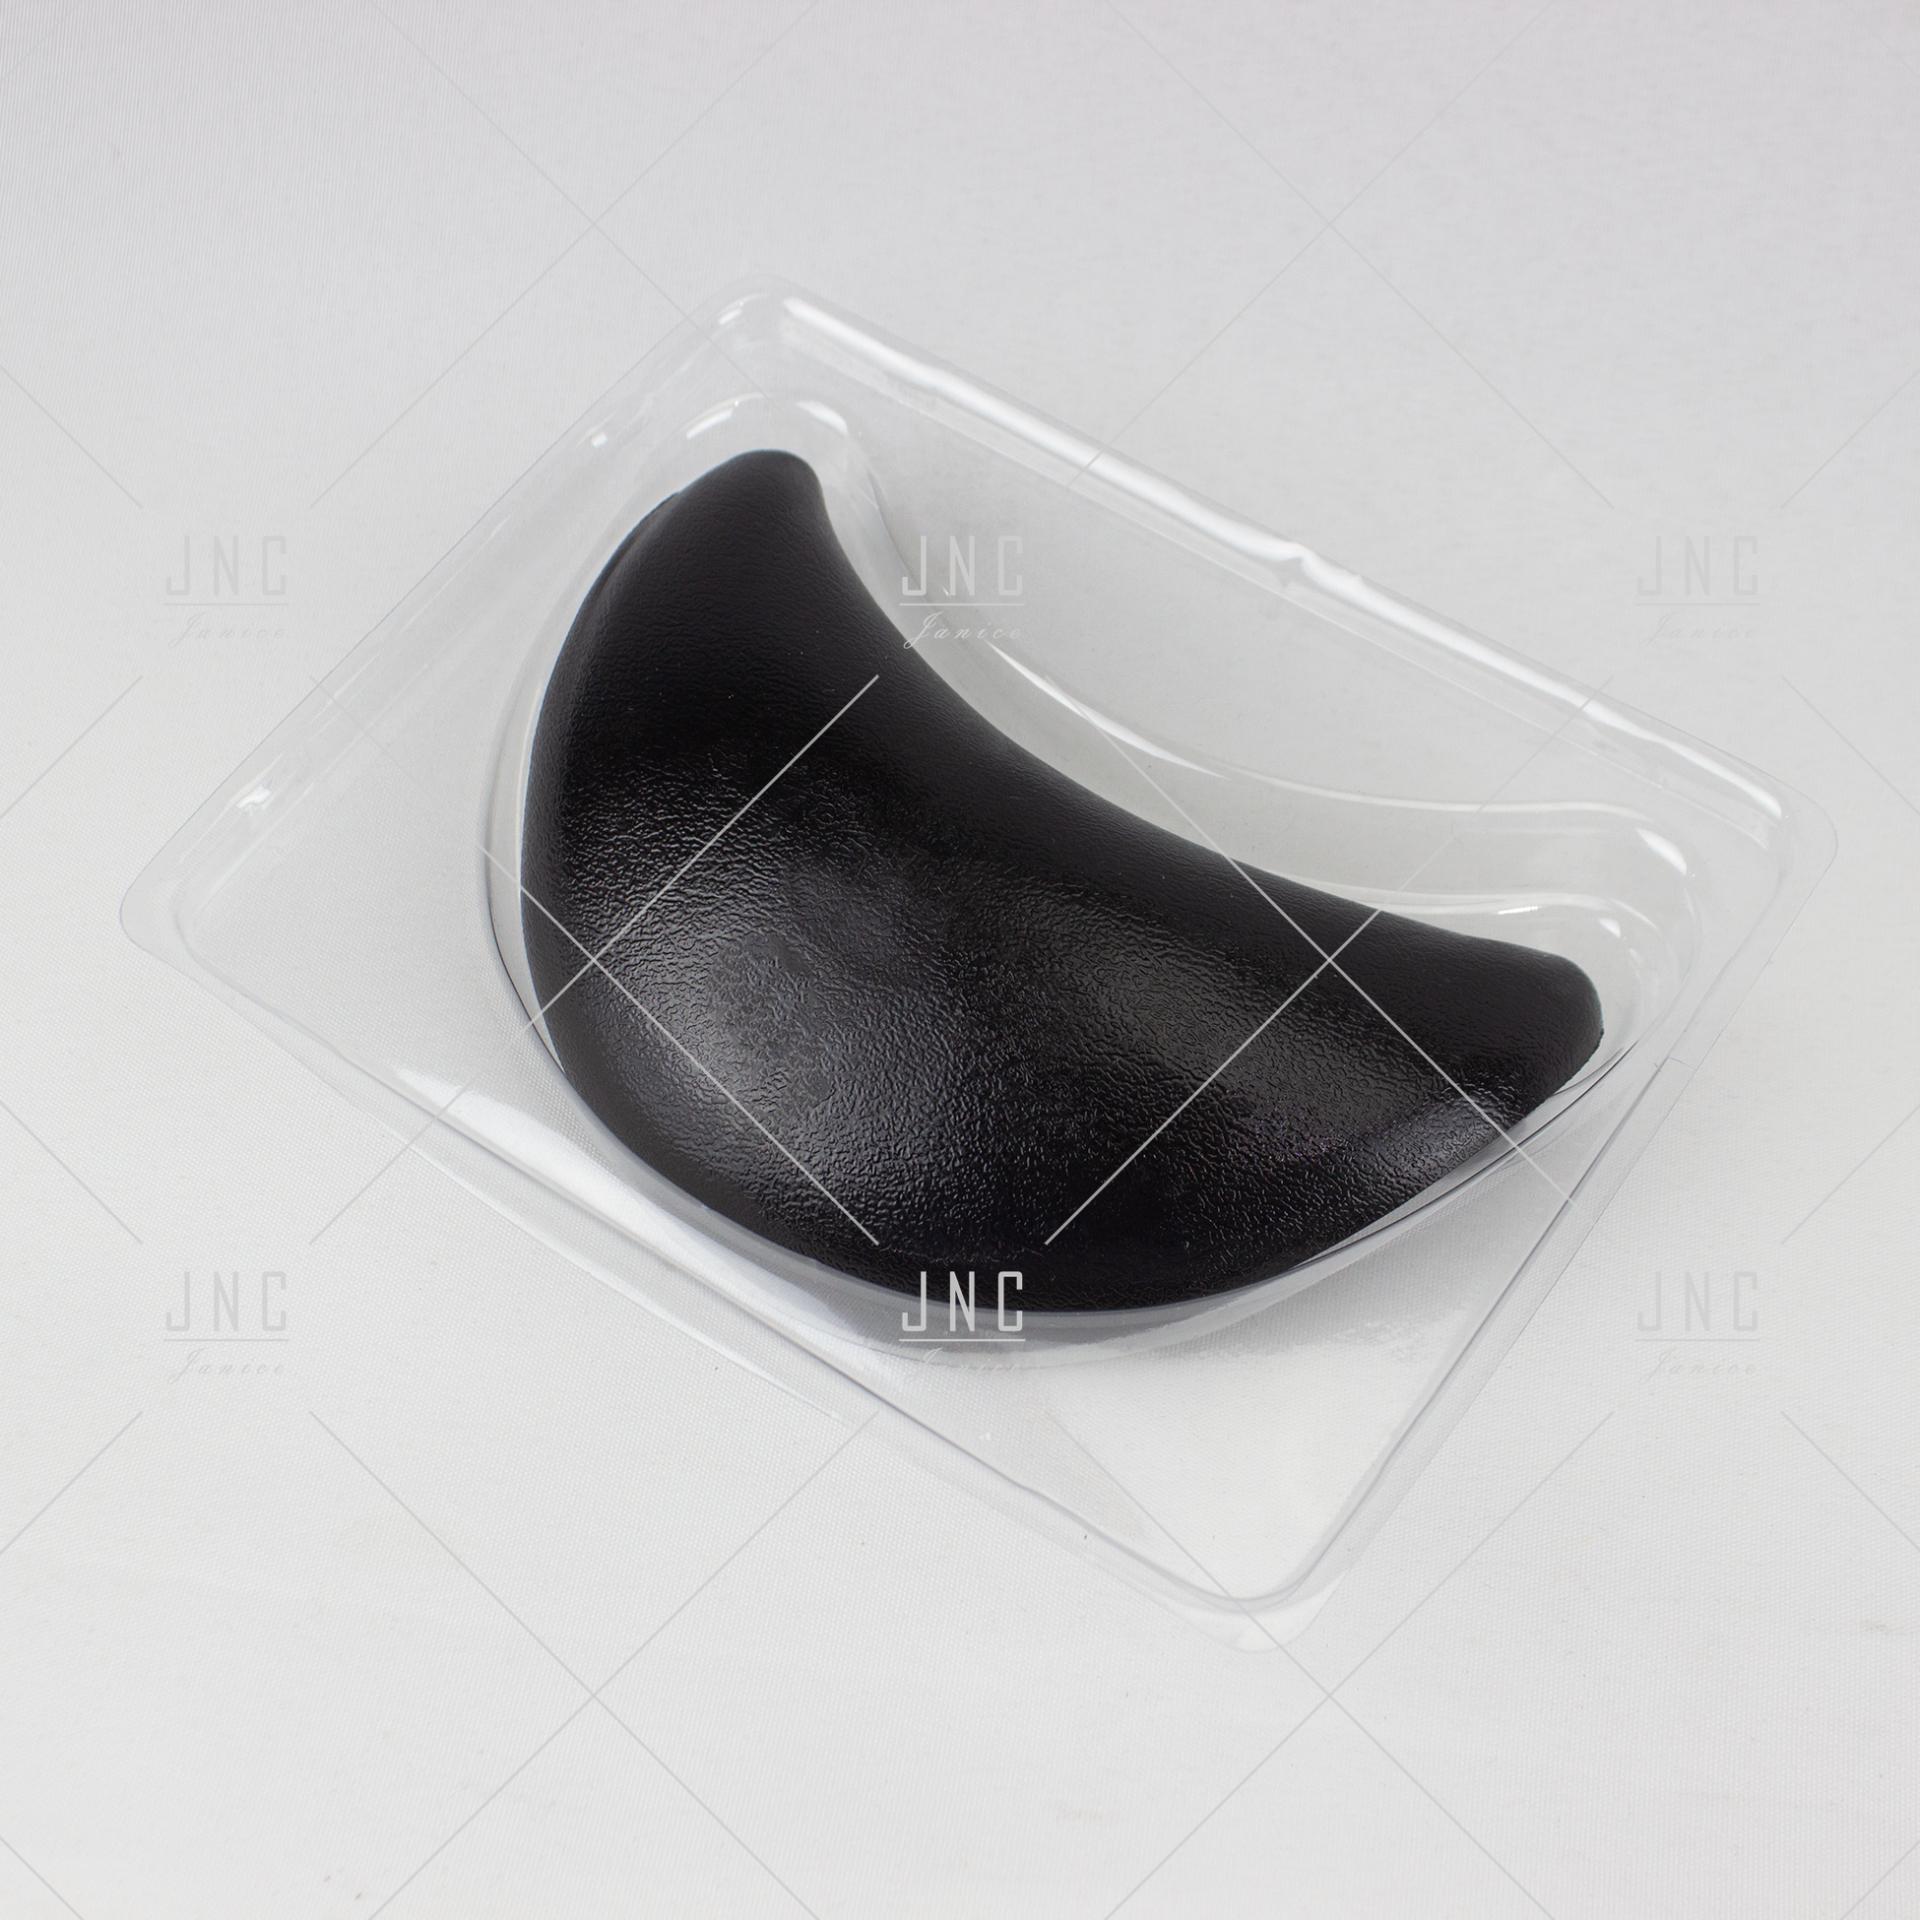 Apoio de Silicone para Rampa de Lavagem | Ref.862025